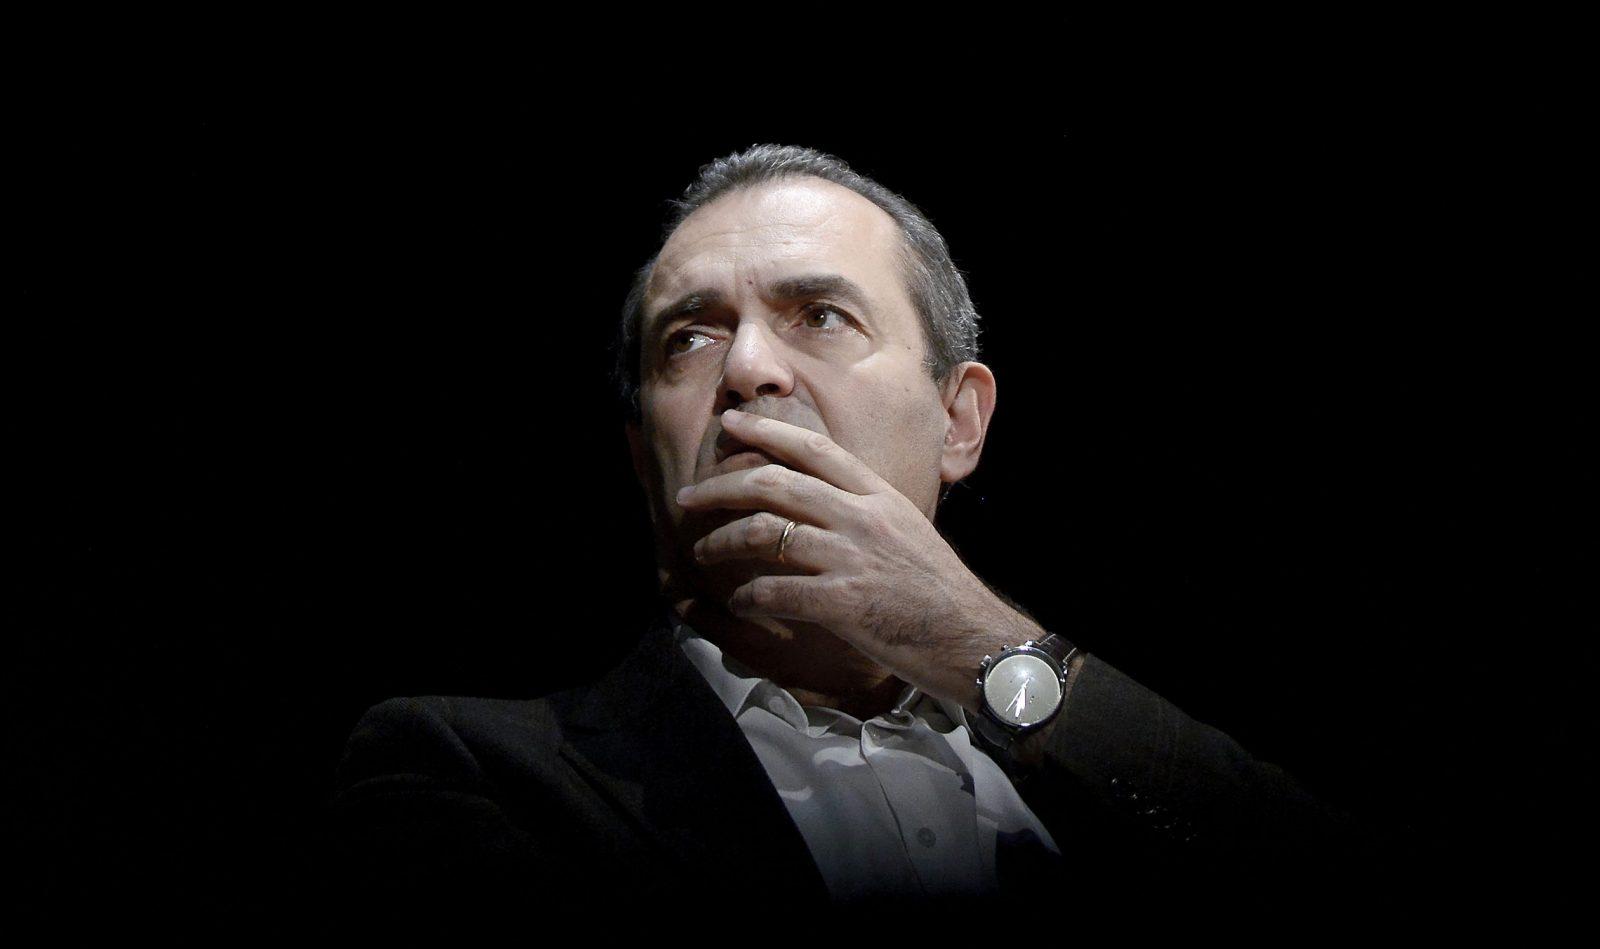 De Magistris che guarda Napoli in rivolta da uno studio tv è il simbolo di una politica senza senso - The Vision